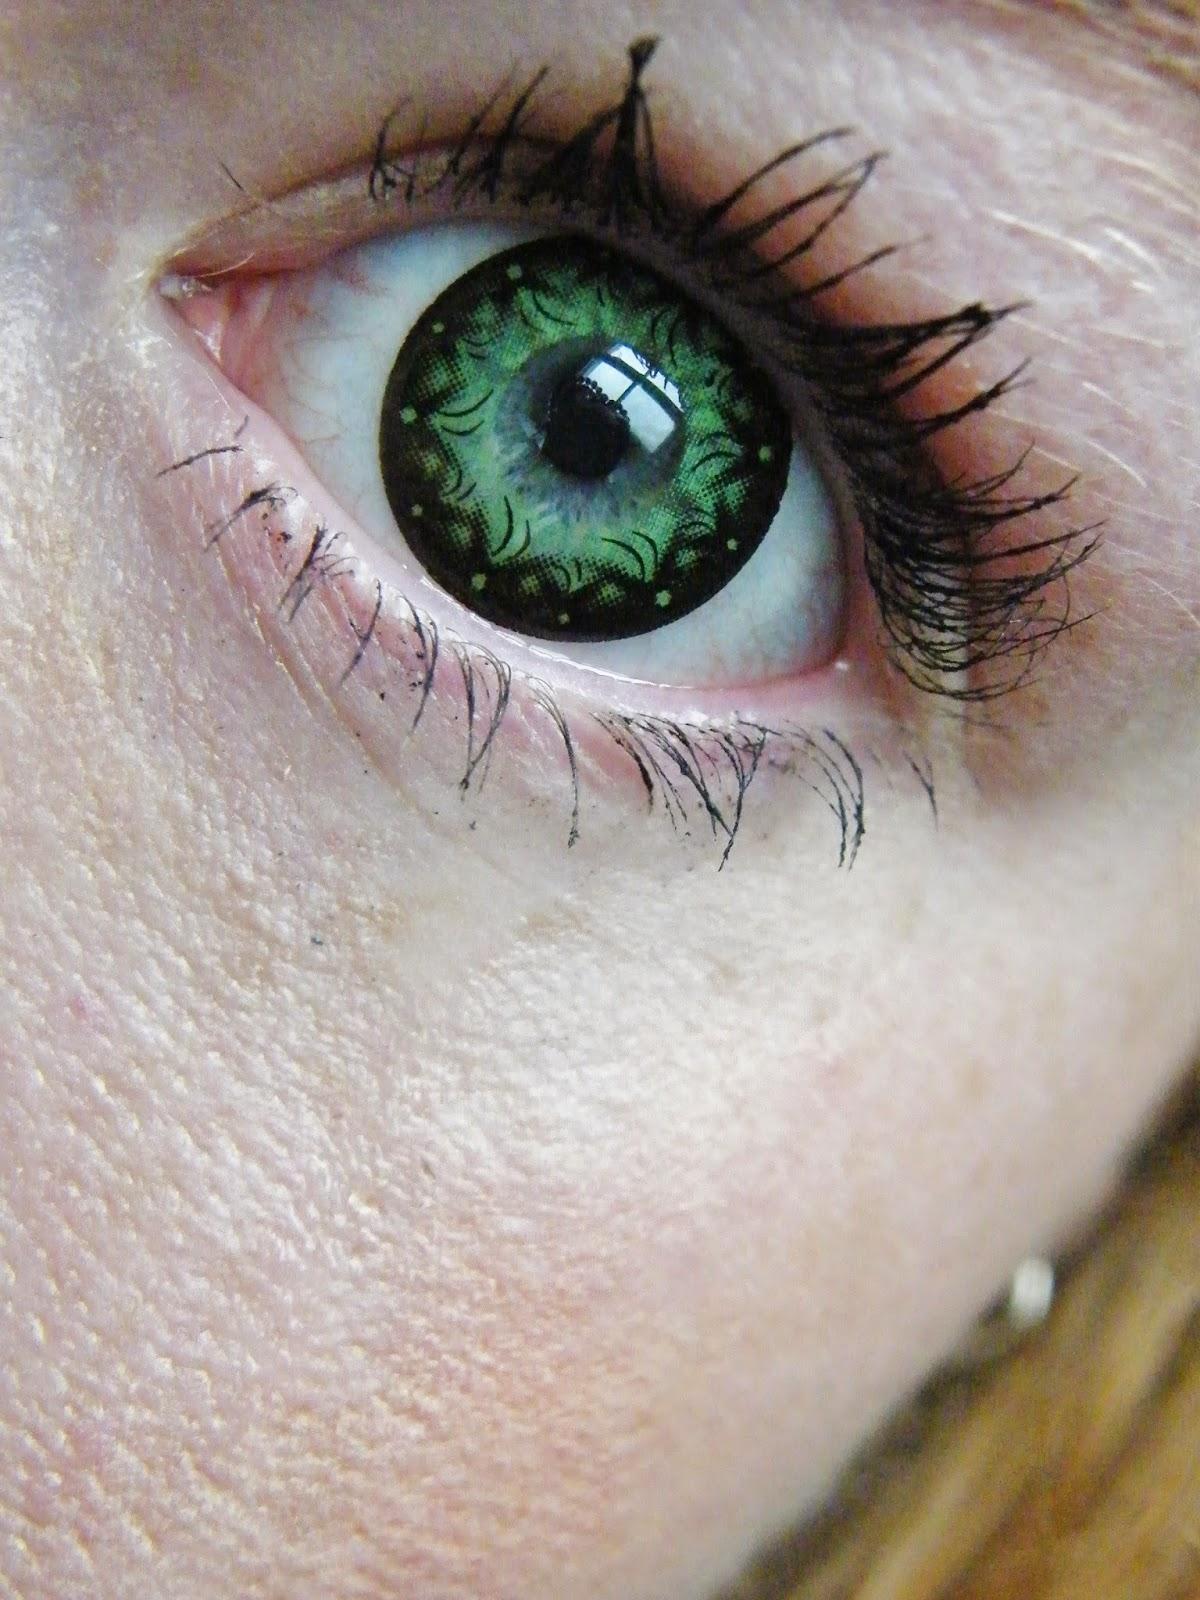 Ciara Noelle: Spooky Eye Coloured Contact Lenses